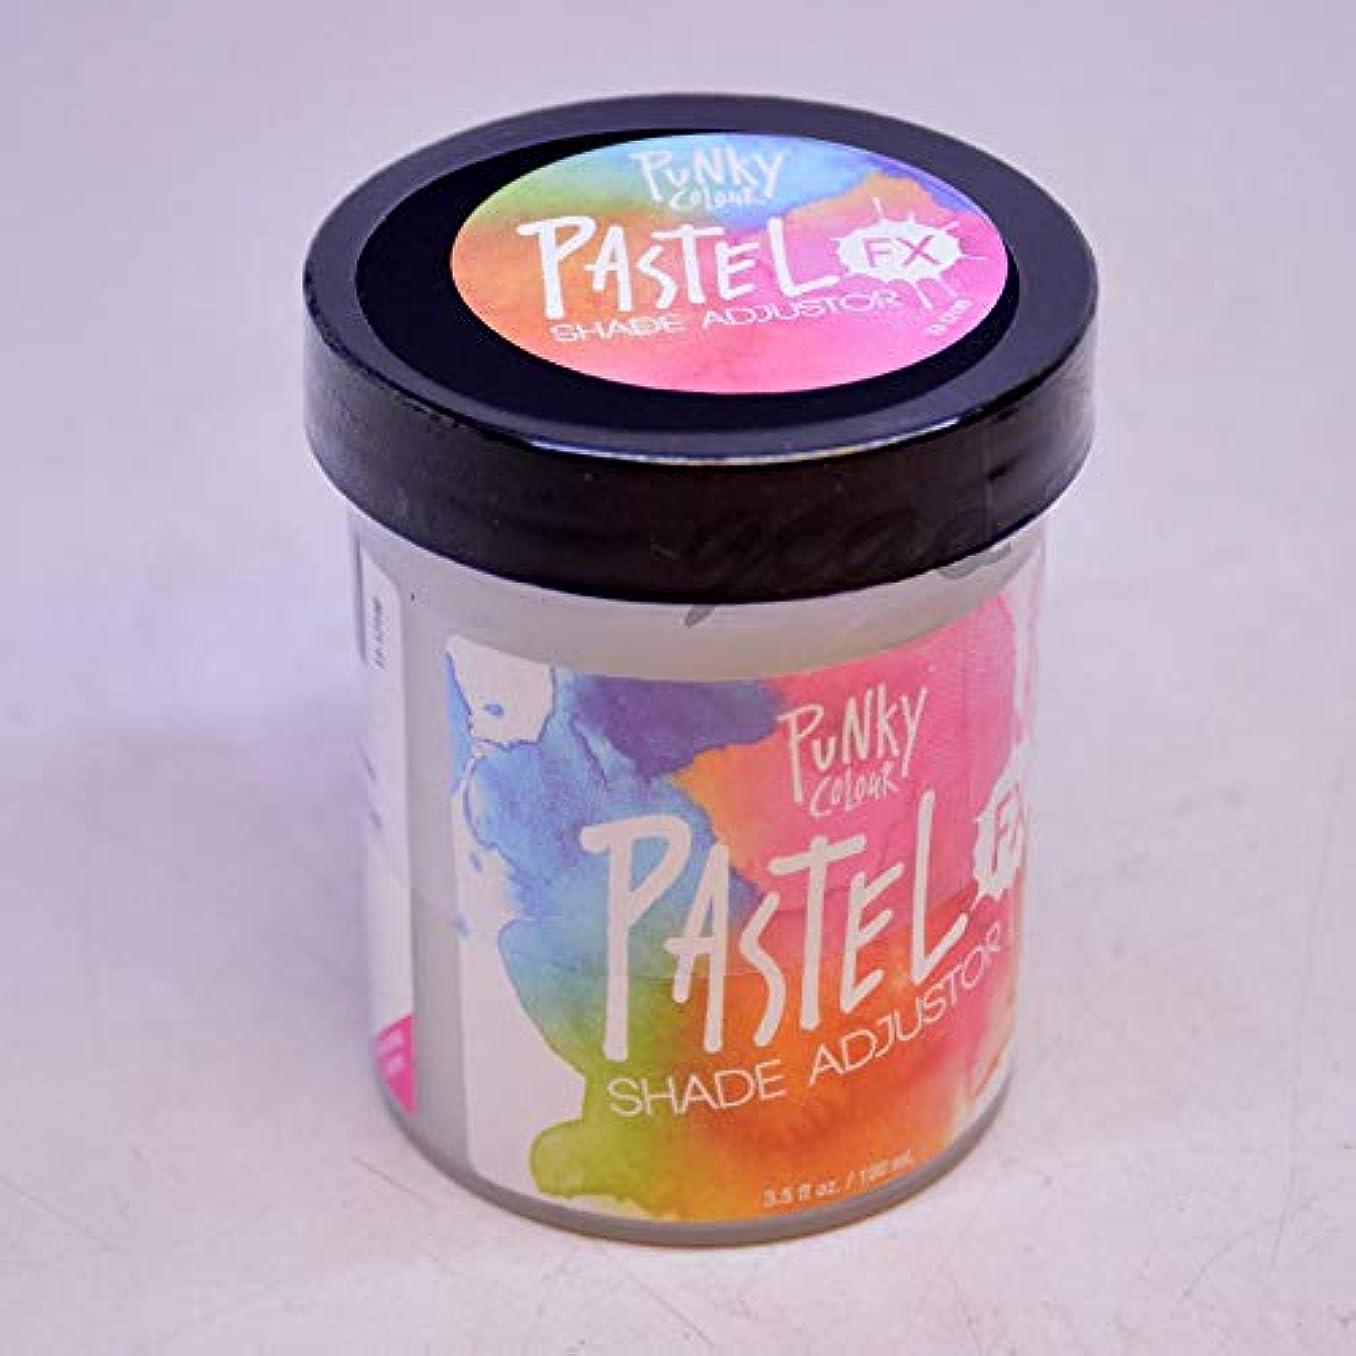 会話状況お茶JEROME RUSSELL Punky Color Semi-Permanent Conditioning Hair Color - Pastel FX Shade Adjuster (並行輸入品)